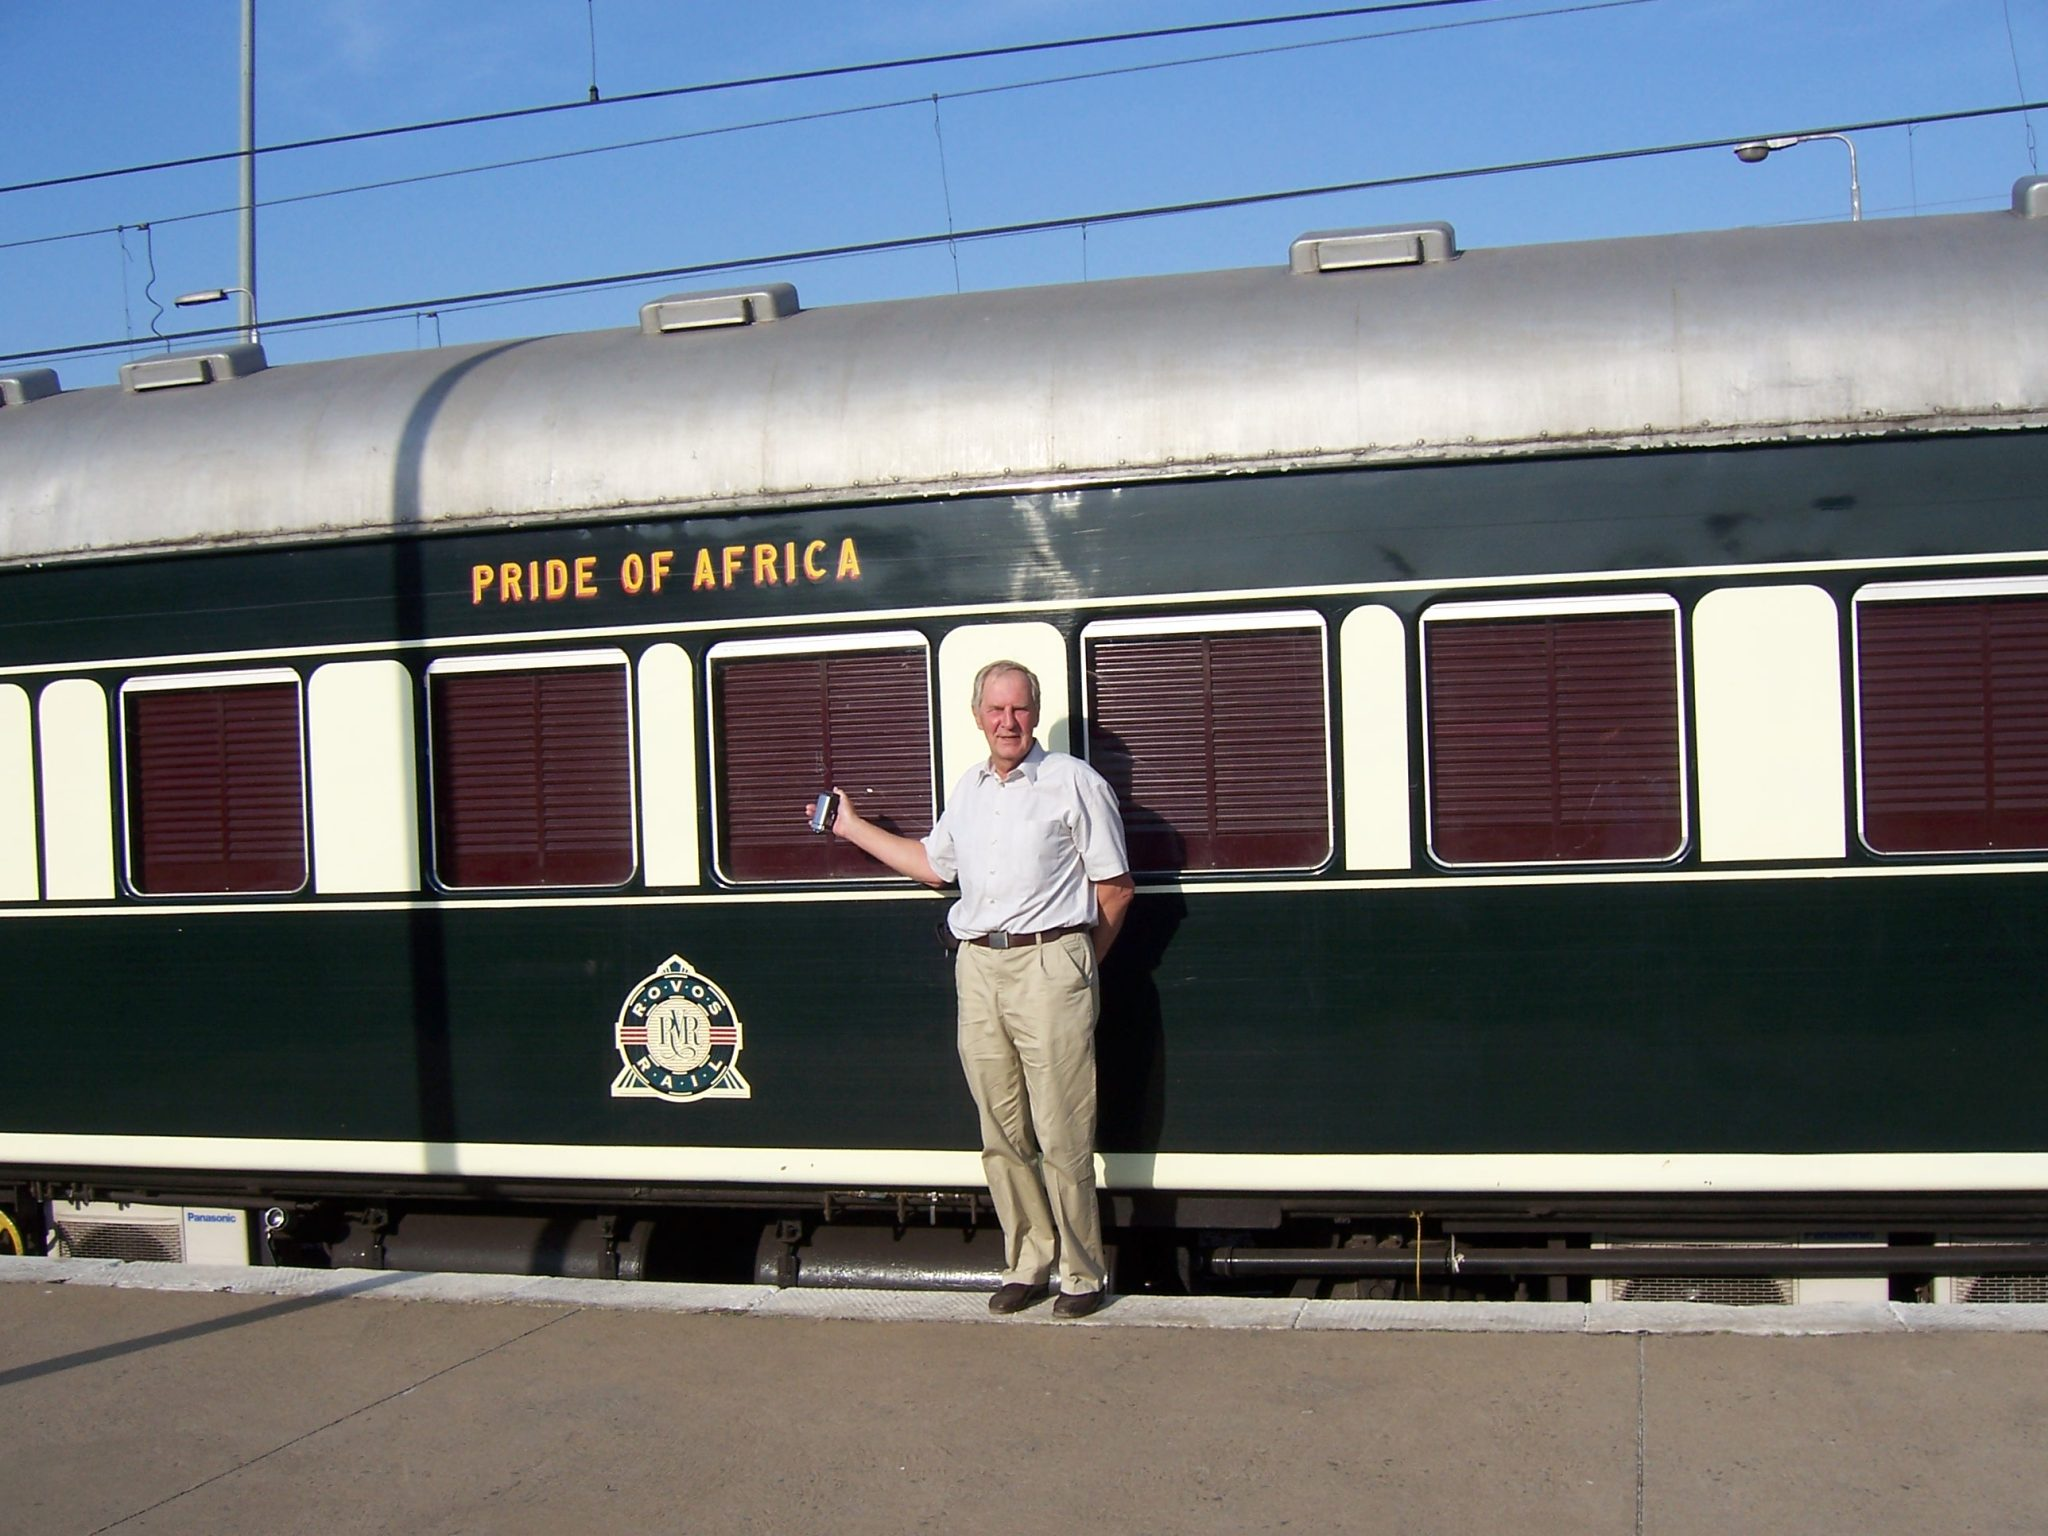 """Herbert in front of the """"Pride of Africa"""" train"""